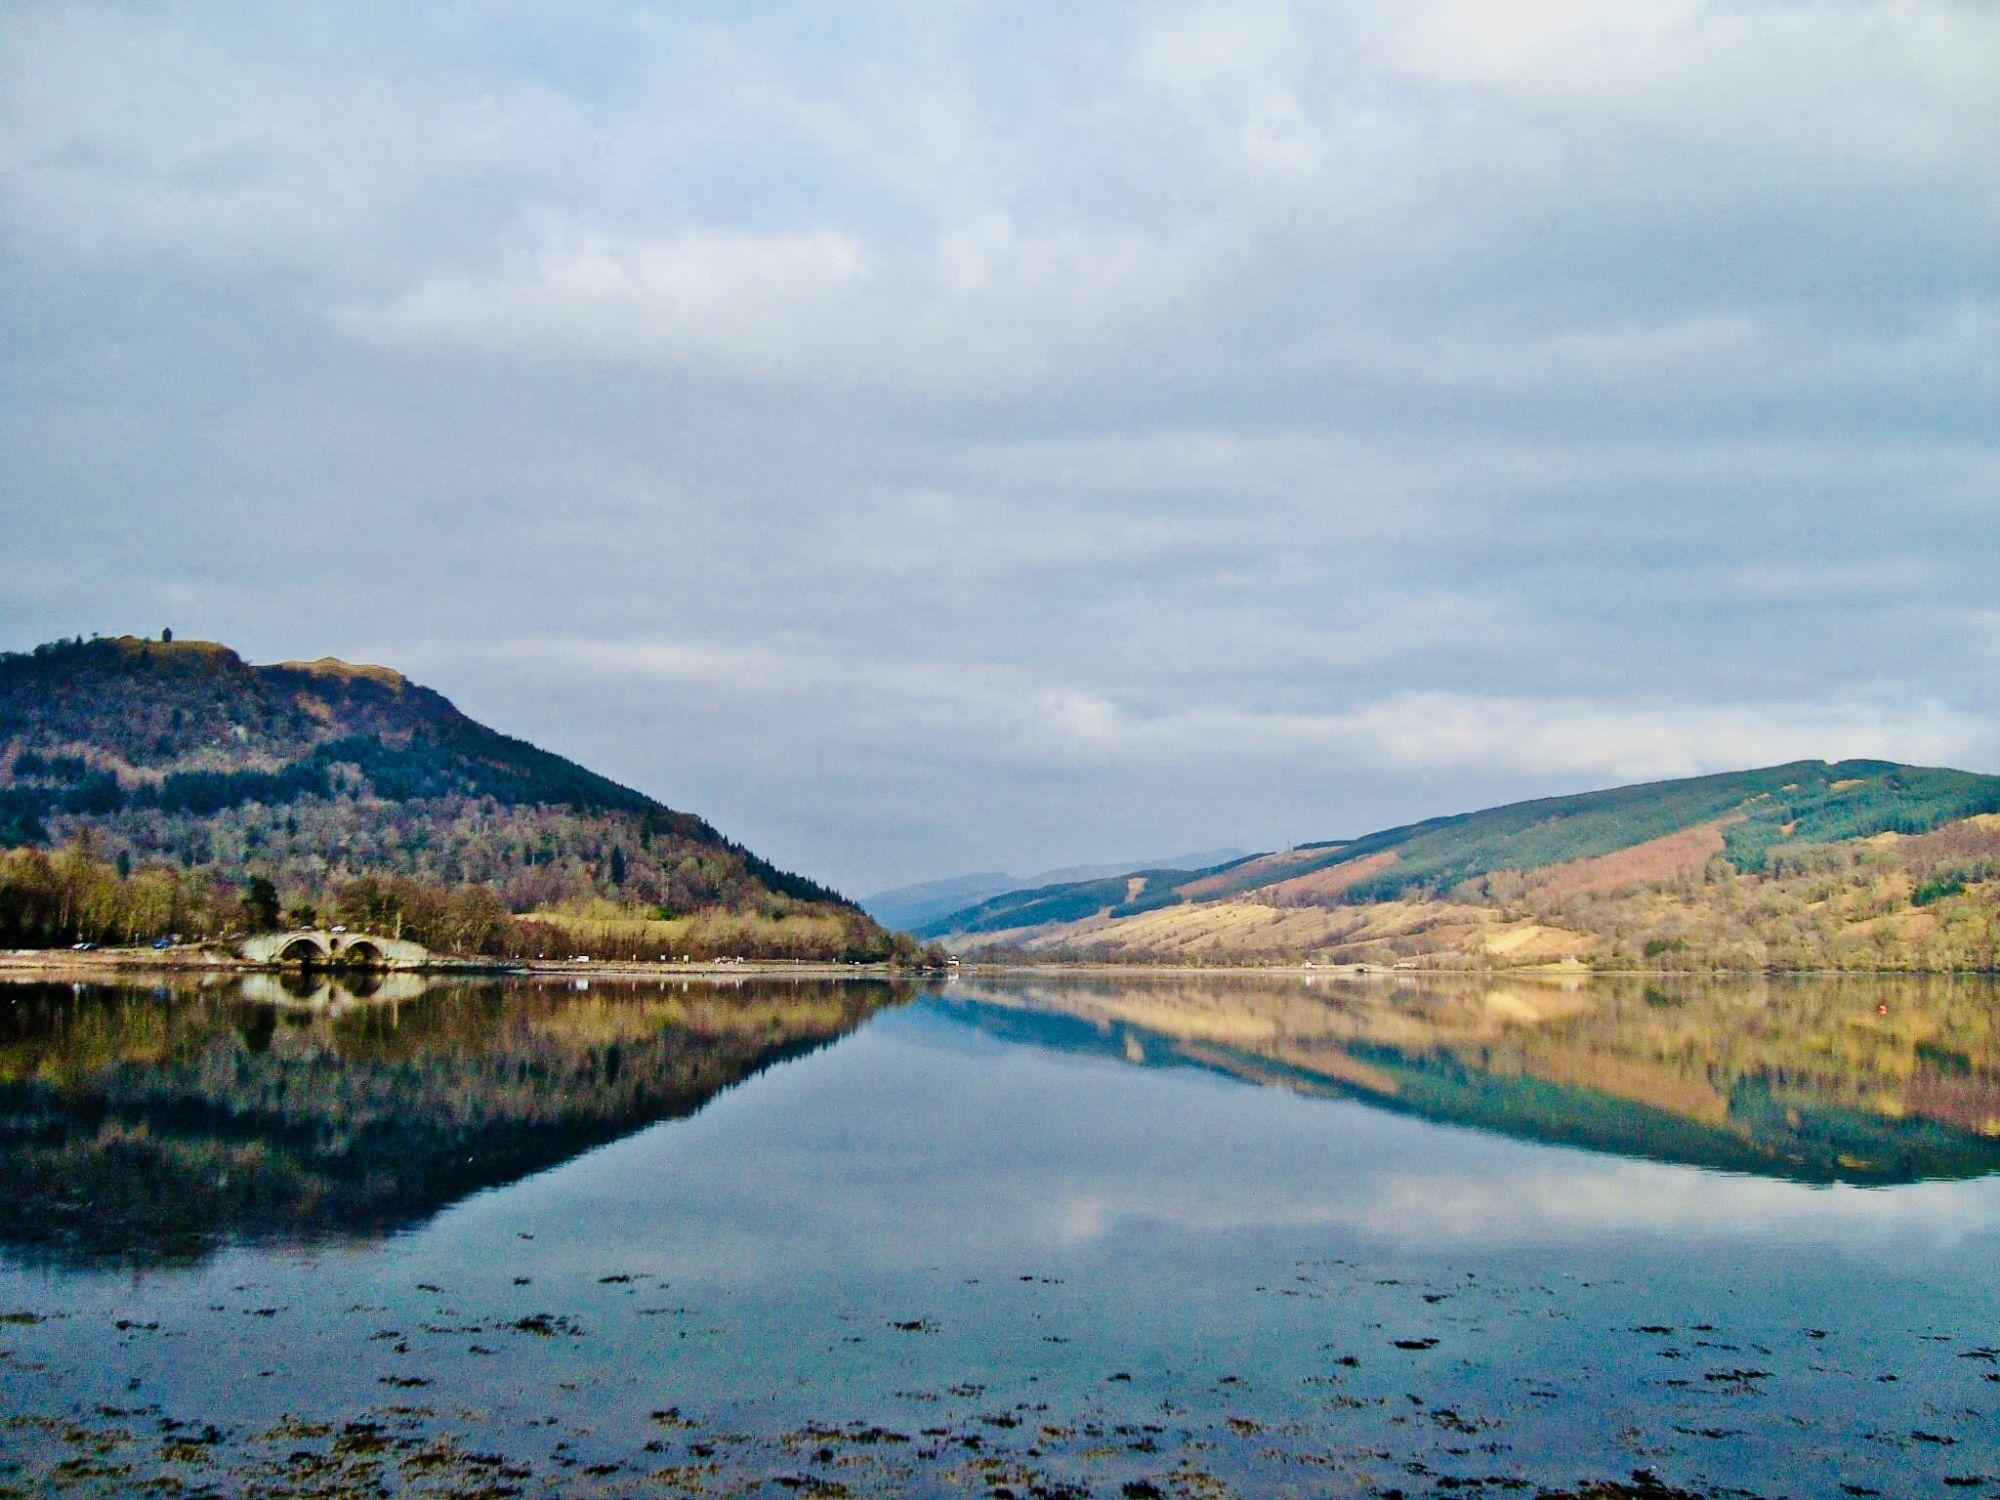 A viw of Loch Lomond.